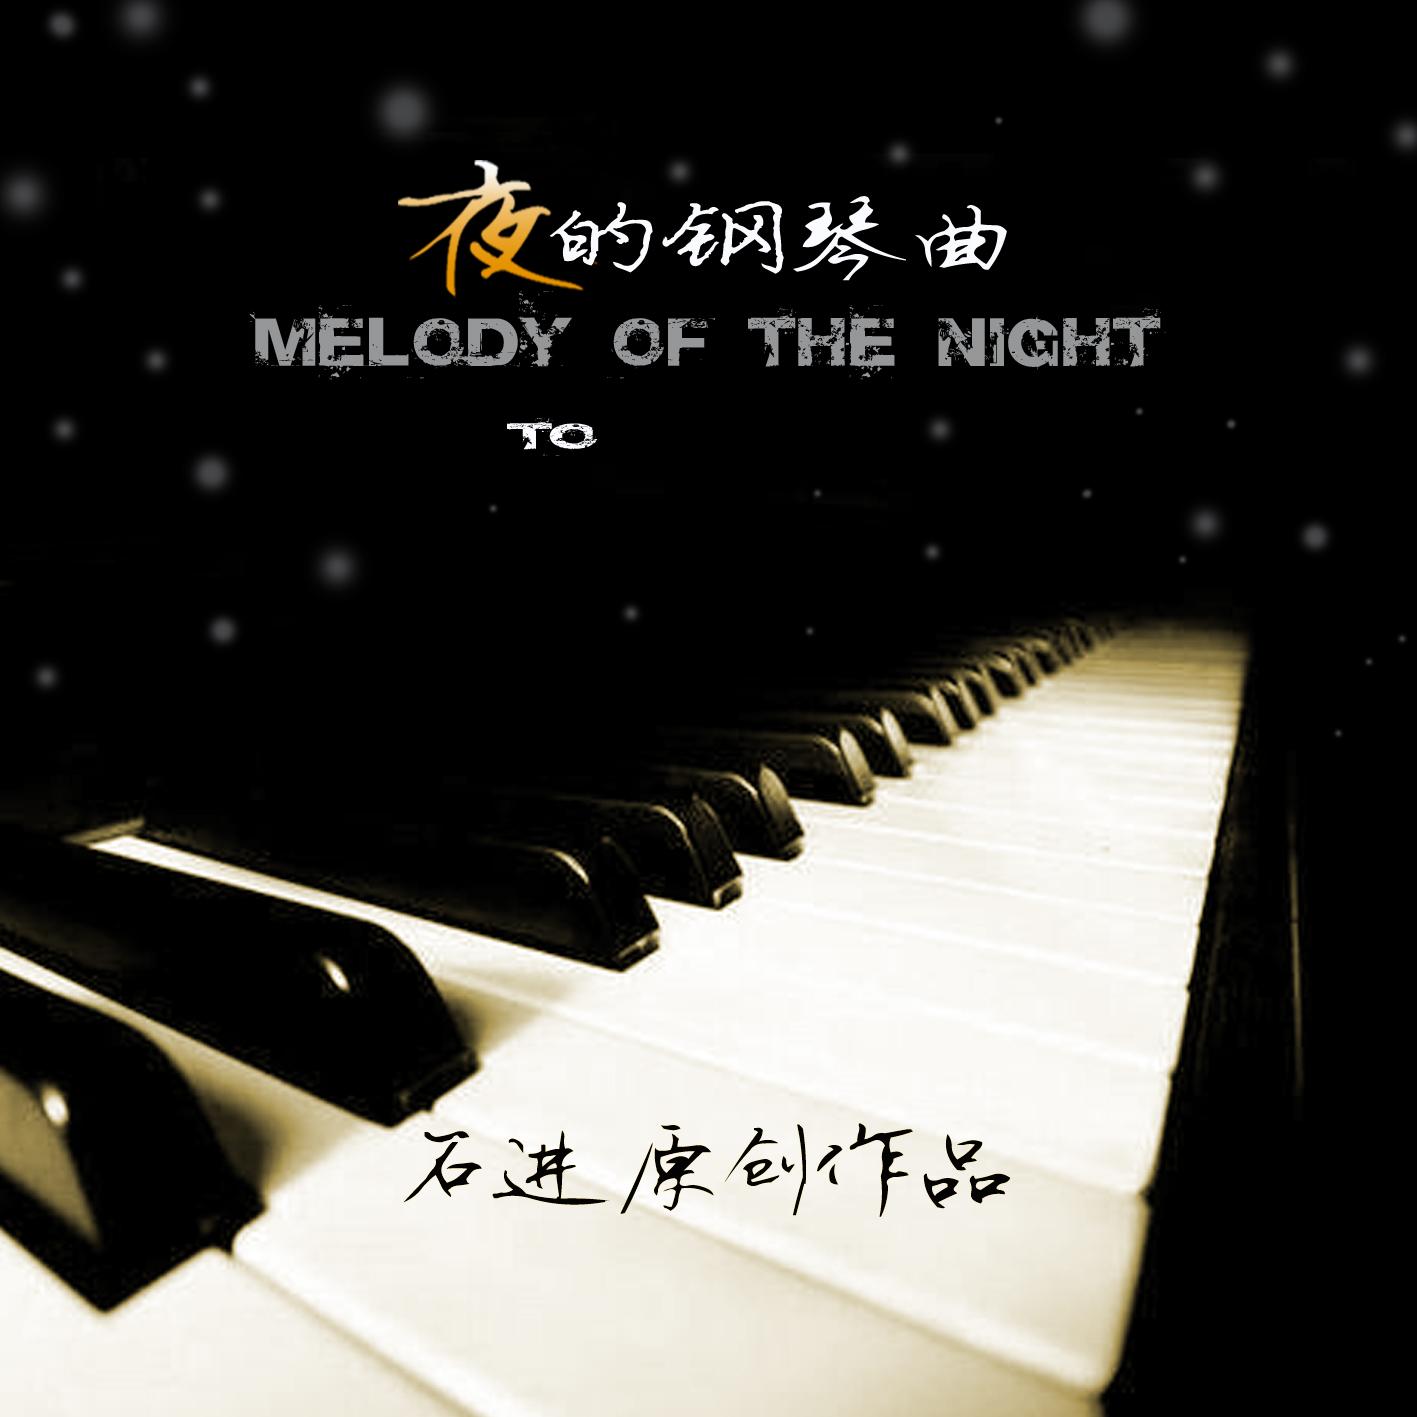 石进 夜的钢琴曲 精选集